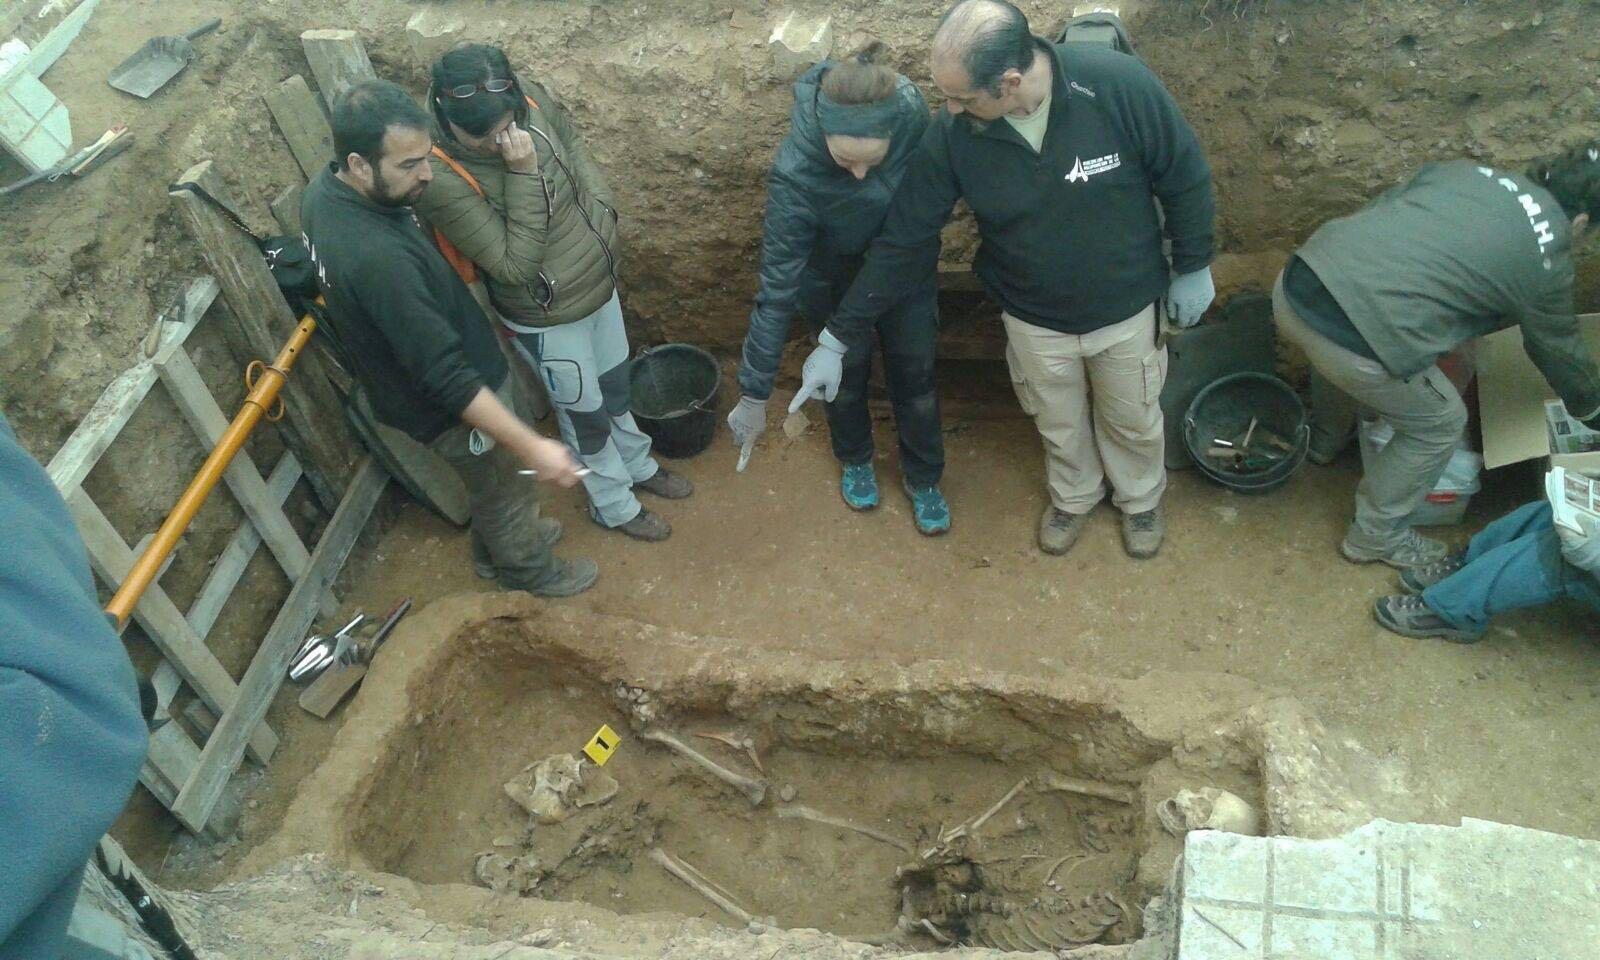 <p>René Pacheco, miembro de la ARMH, muestra a Chon Vargas, nieta de Timoteo Mendieta, los restos del que podría ser su abuelo.</p>